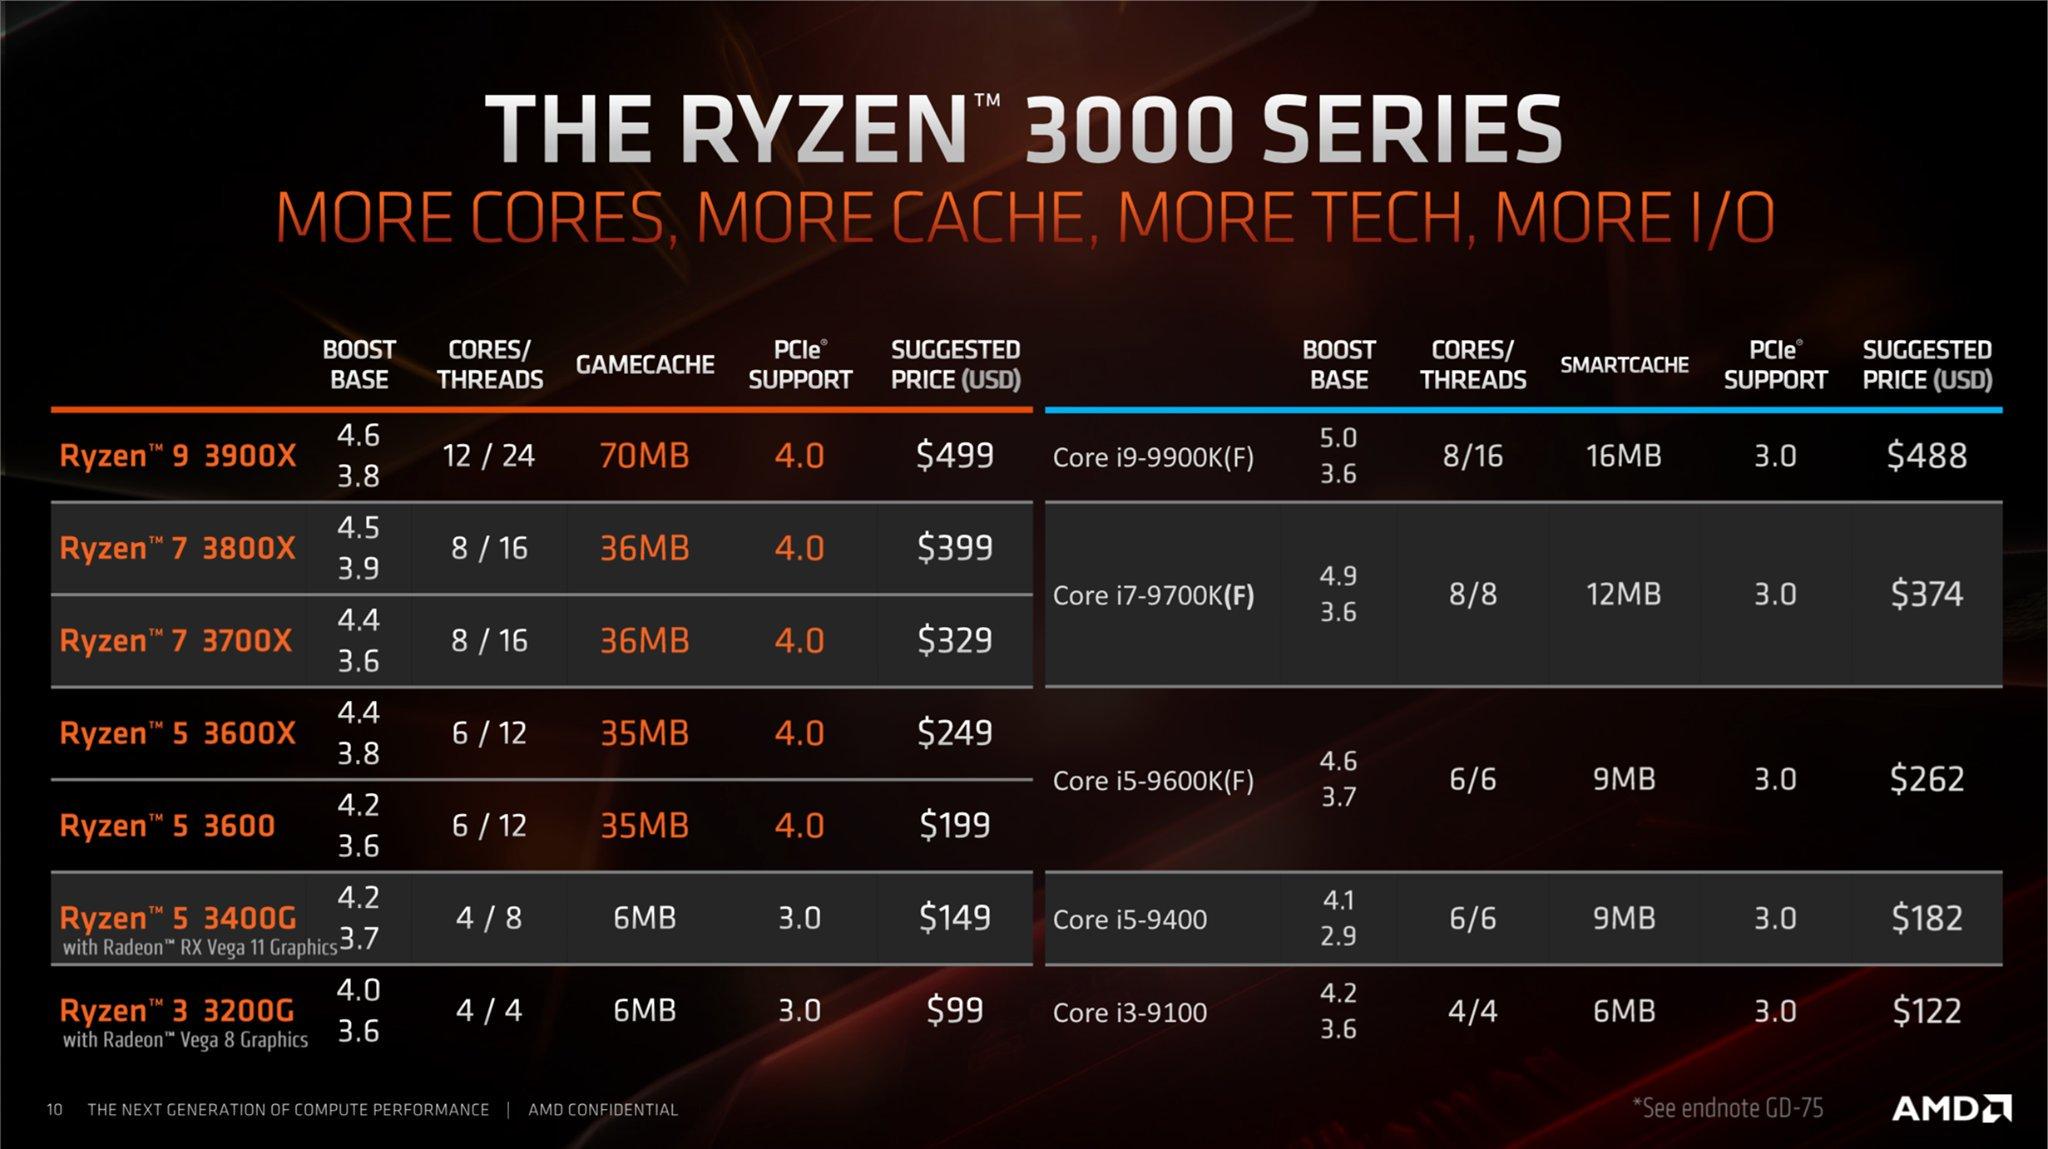 AMD-Ryzen-3000-APU-Lineup_1.jpg